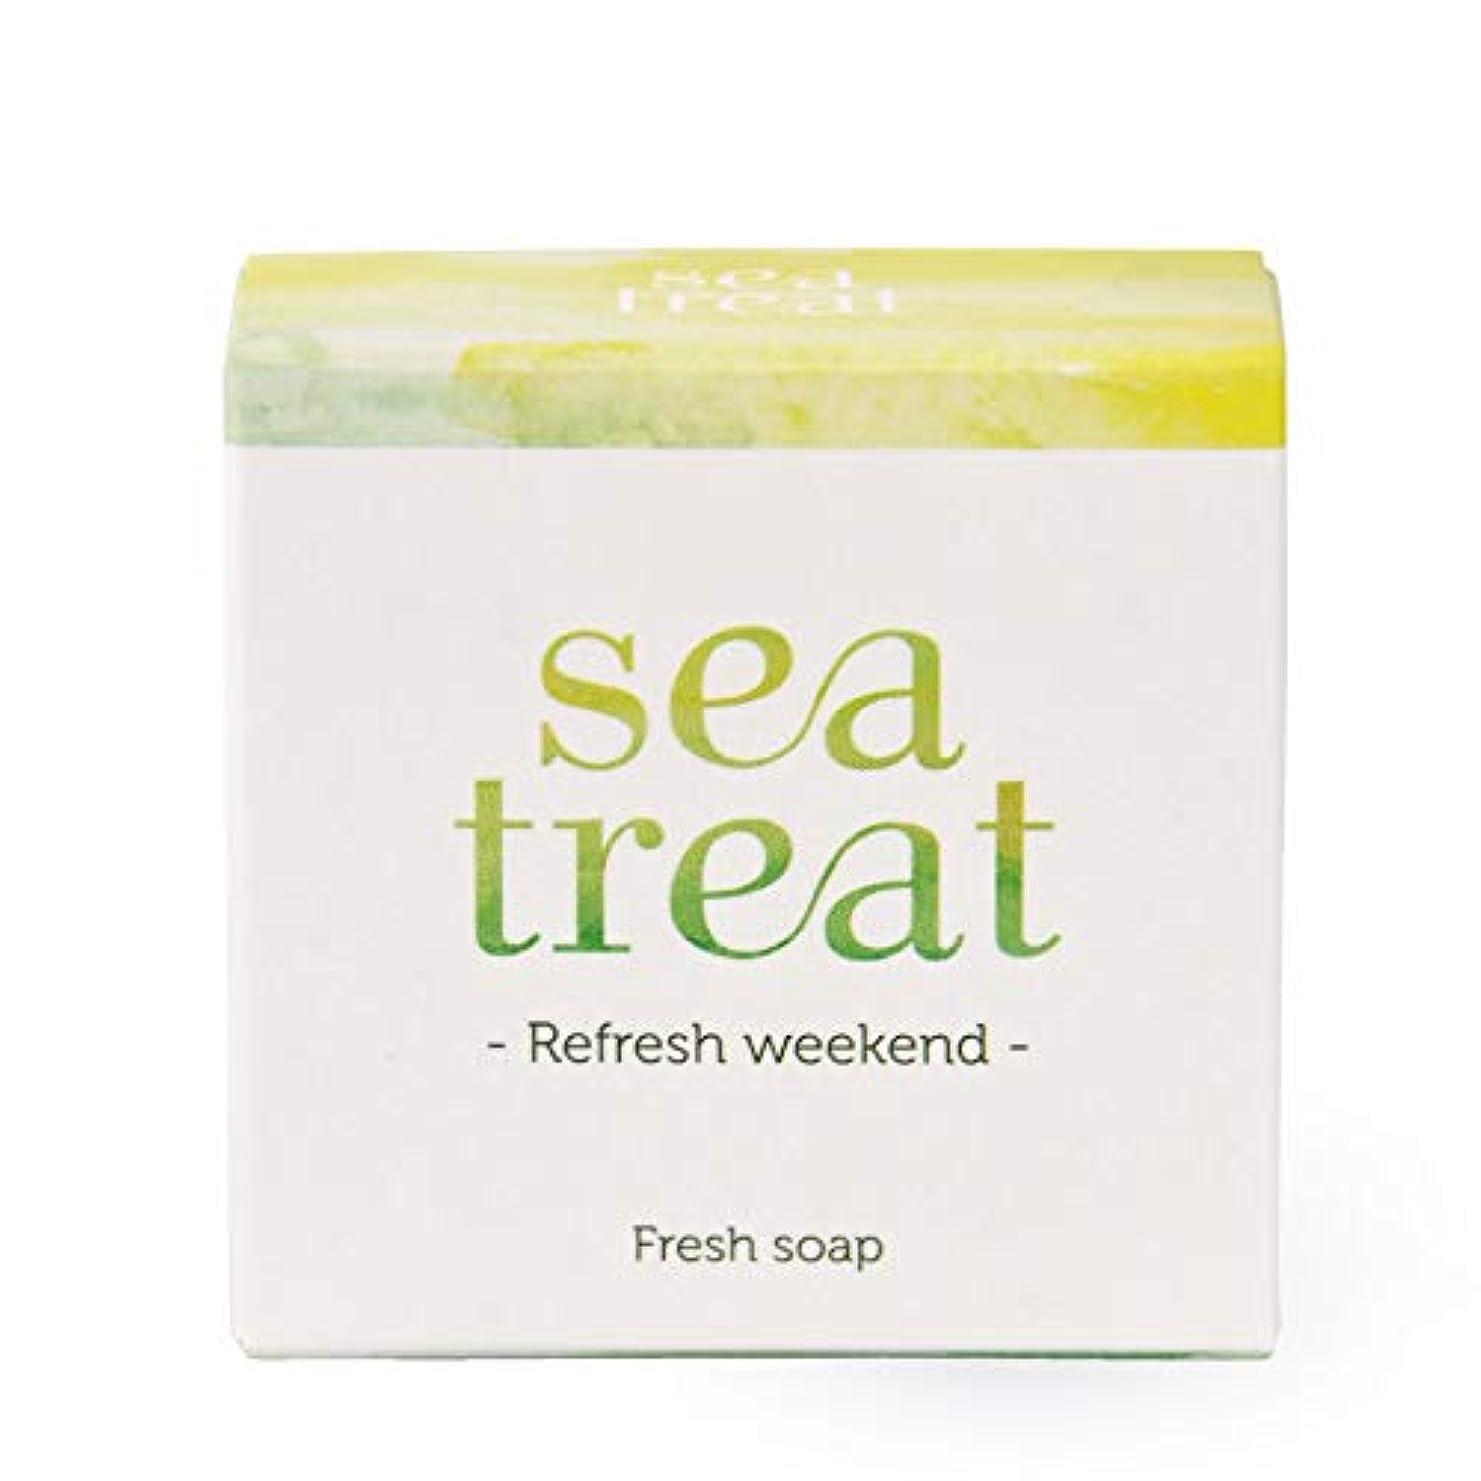 ずんぐりした乱気流文字sea treat(さっぱりタイプ)-Refresh weekend-